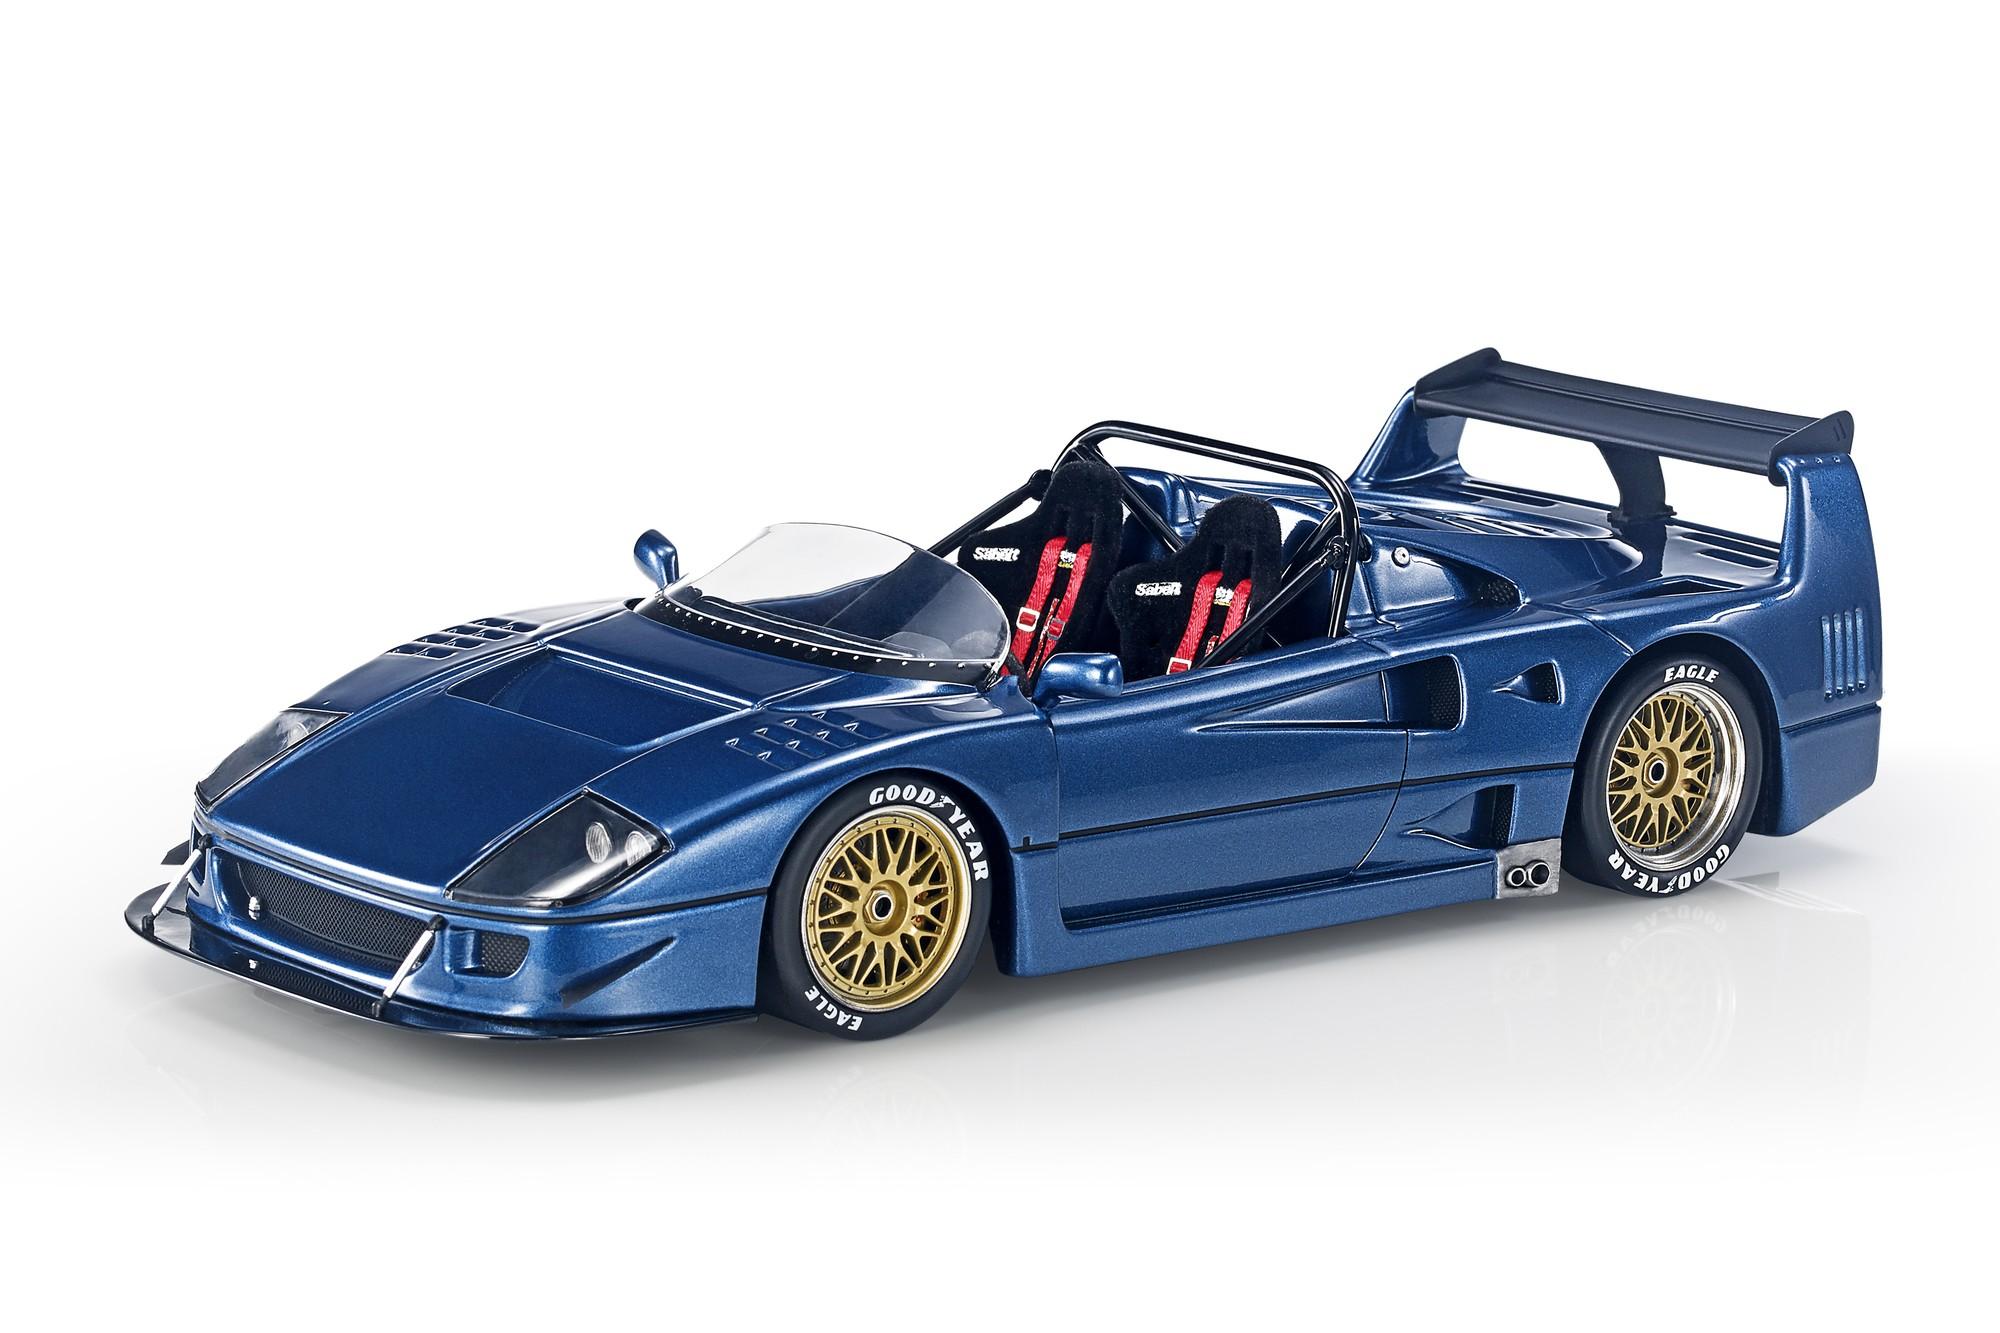 Top Marques Collectibles Ferrari F40 Lm Beurlys Barchetta 1 18 Blue Top68d